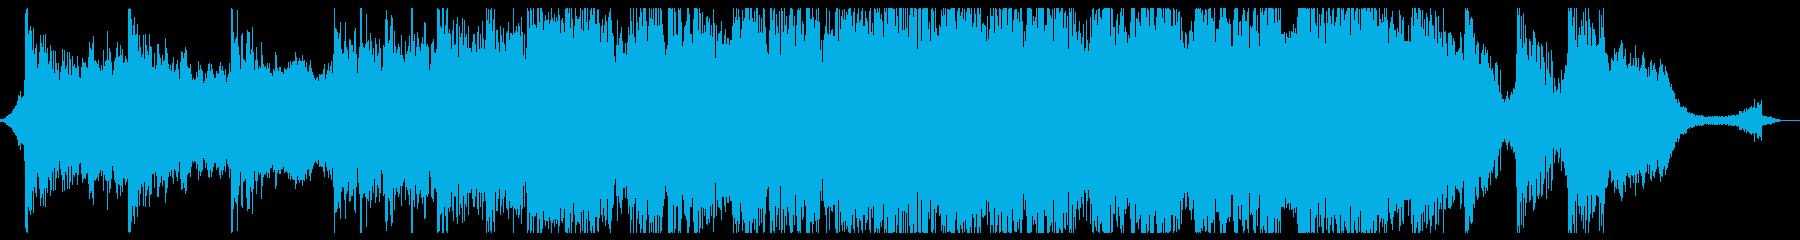 現代的 交響曲 未来 テクノロジー...の再生済みの波形